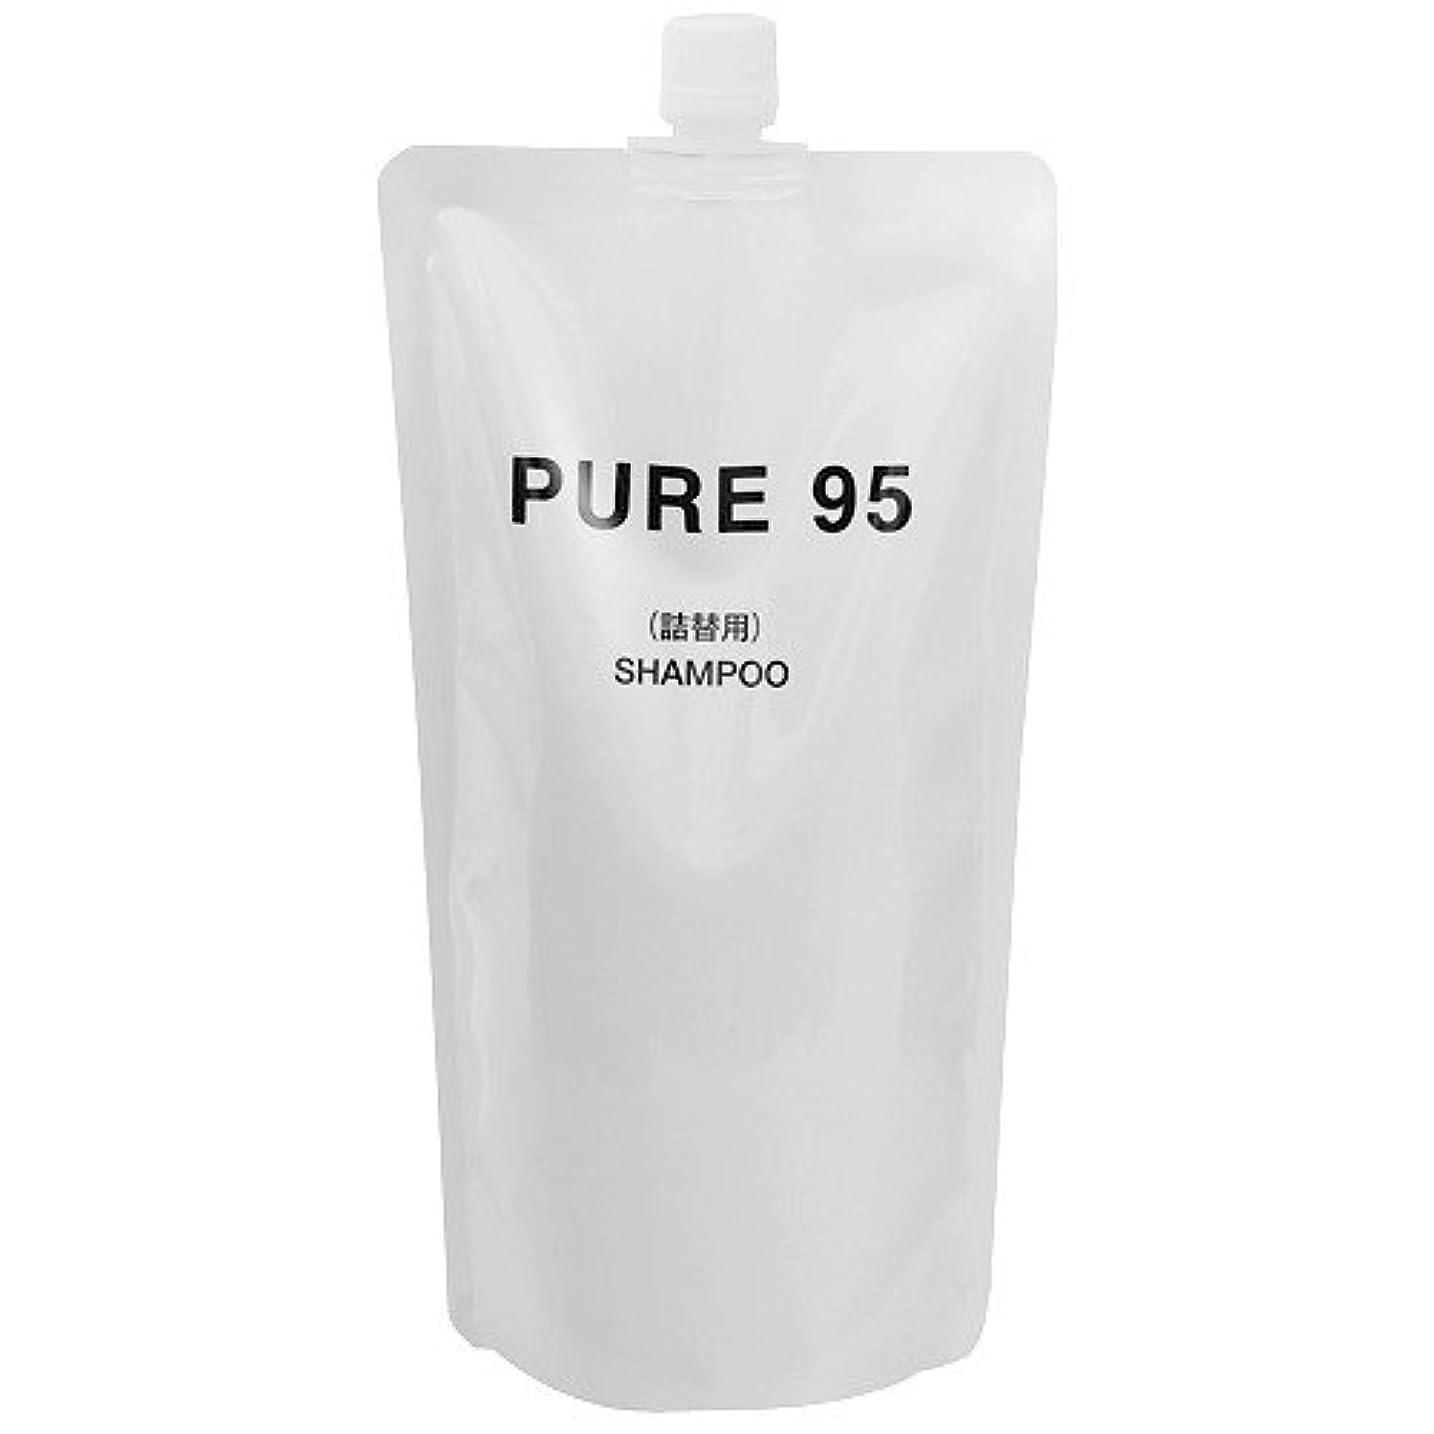 ノベルティ栄光の伝導PURE 95 シャンプー 詰替用 700ml